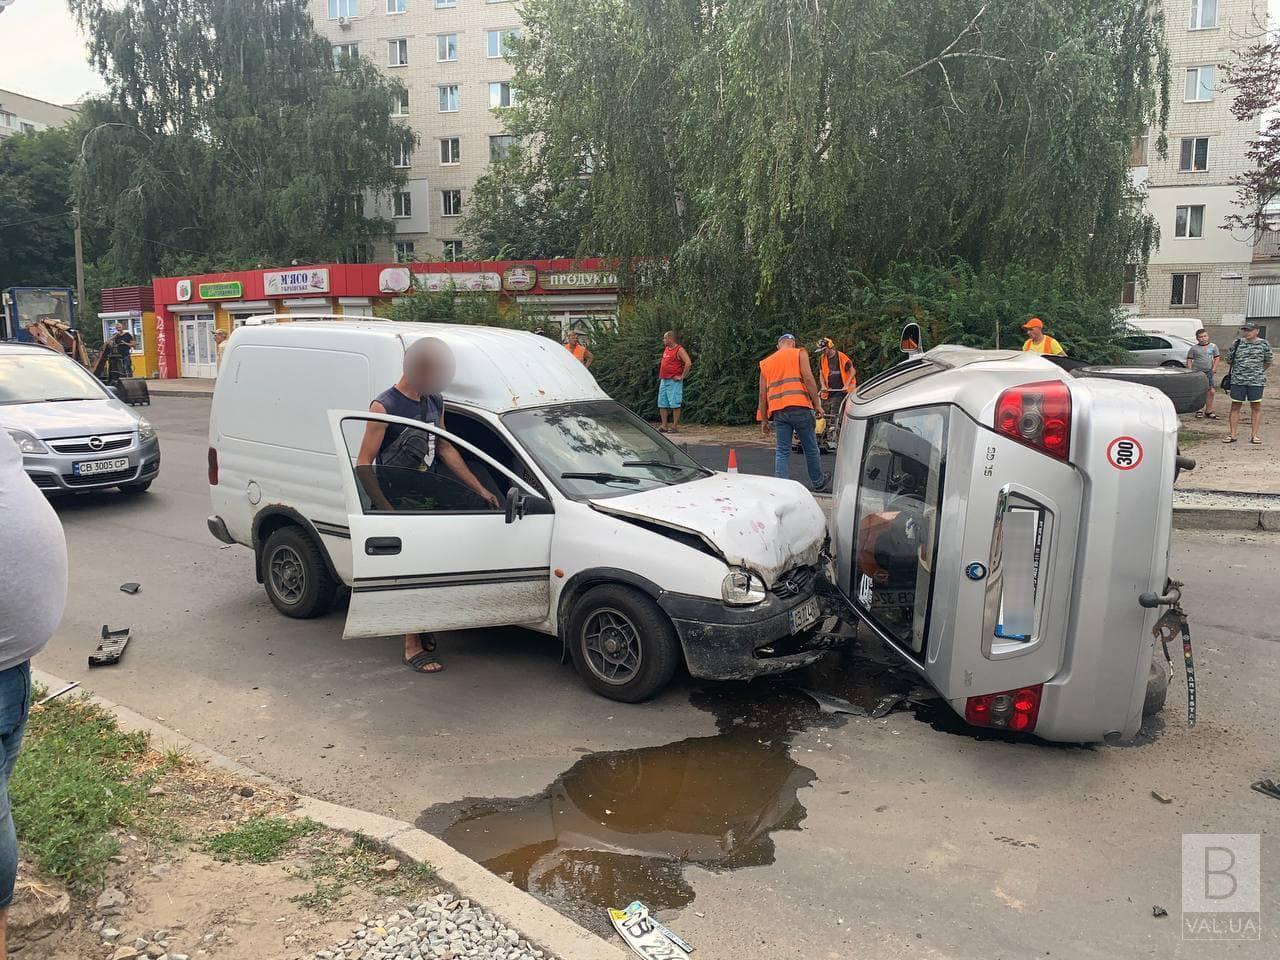 Потрійна ДТП у Чернігові: легковик перекинувся та врізався в автівку на протилежному боці вулиці. ФОТОфакт